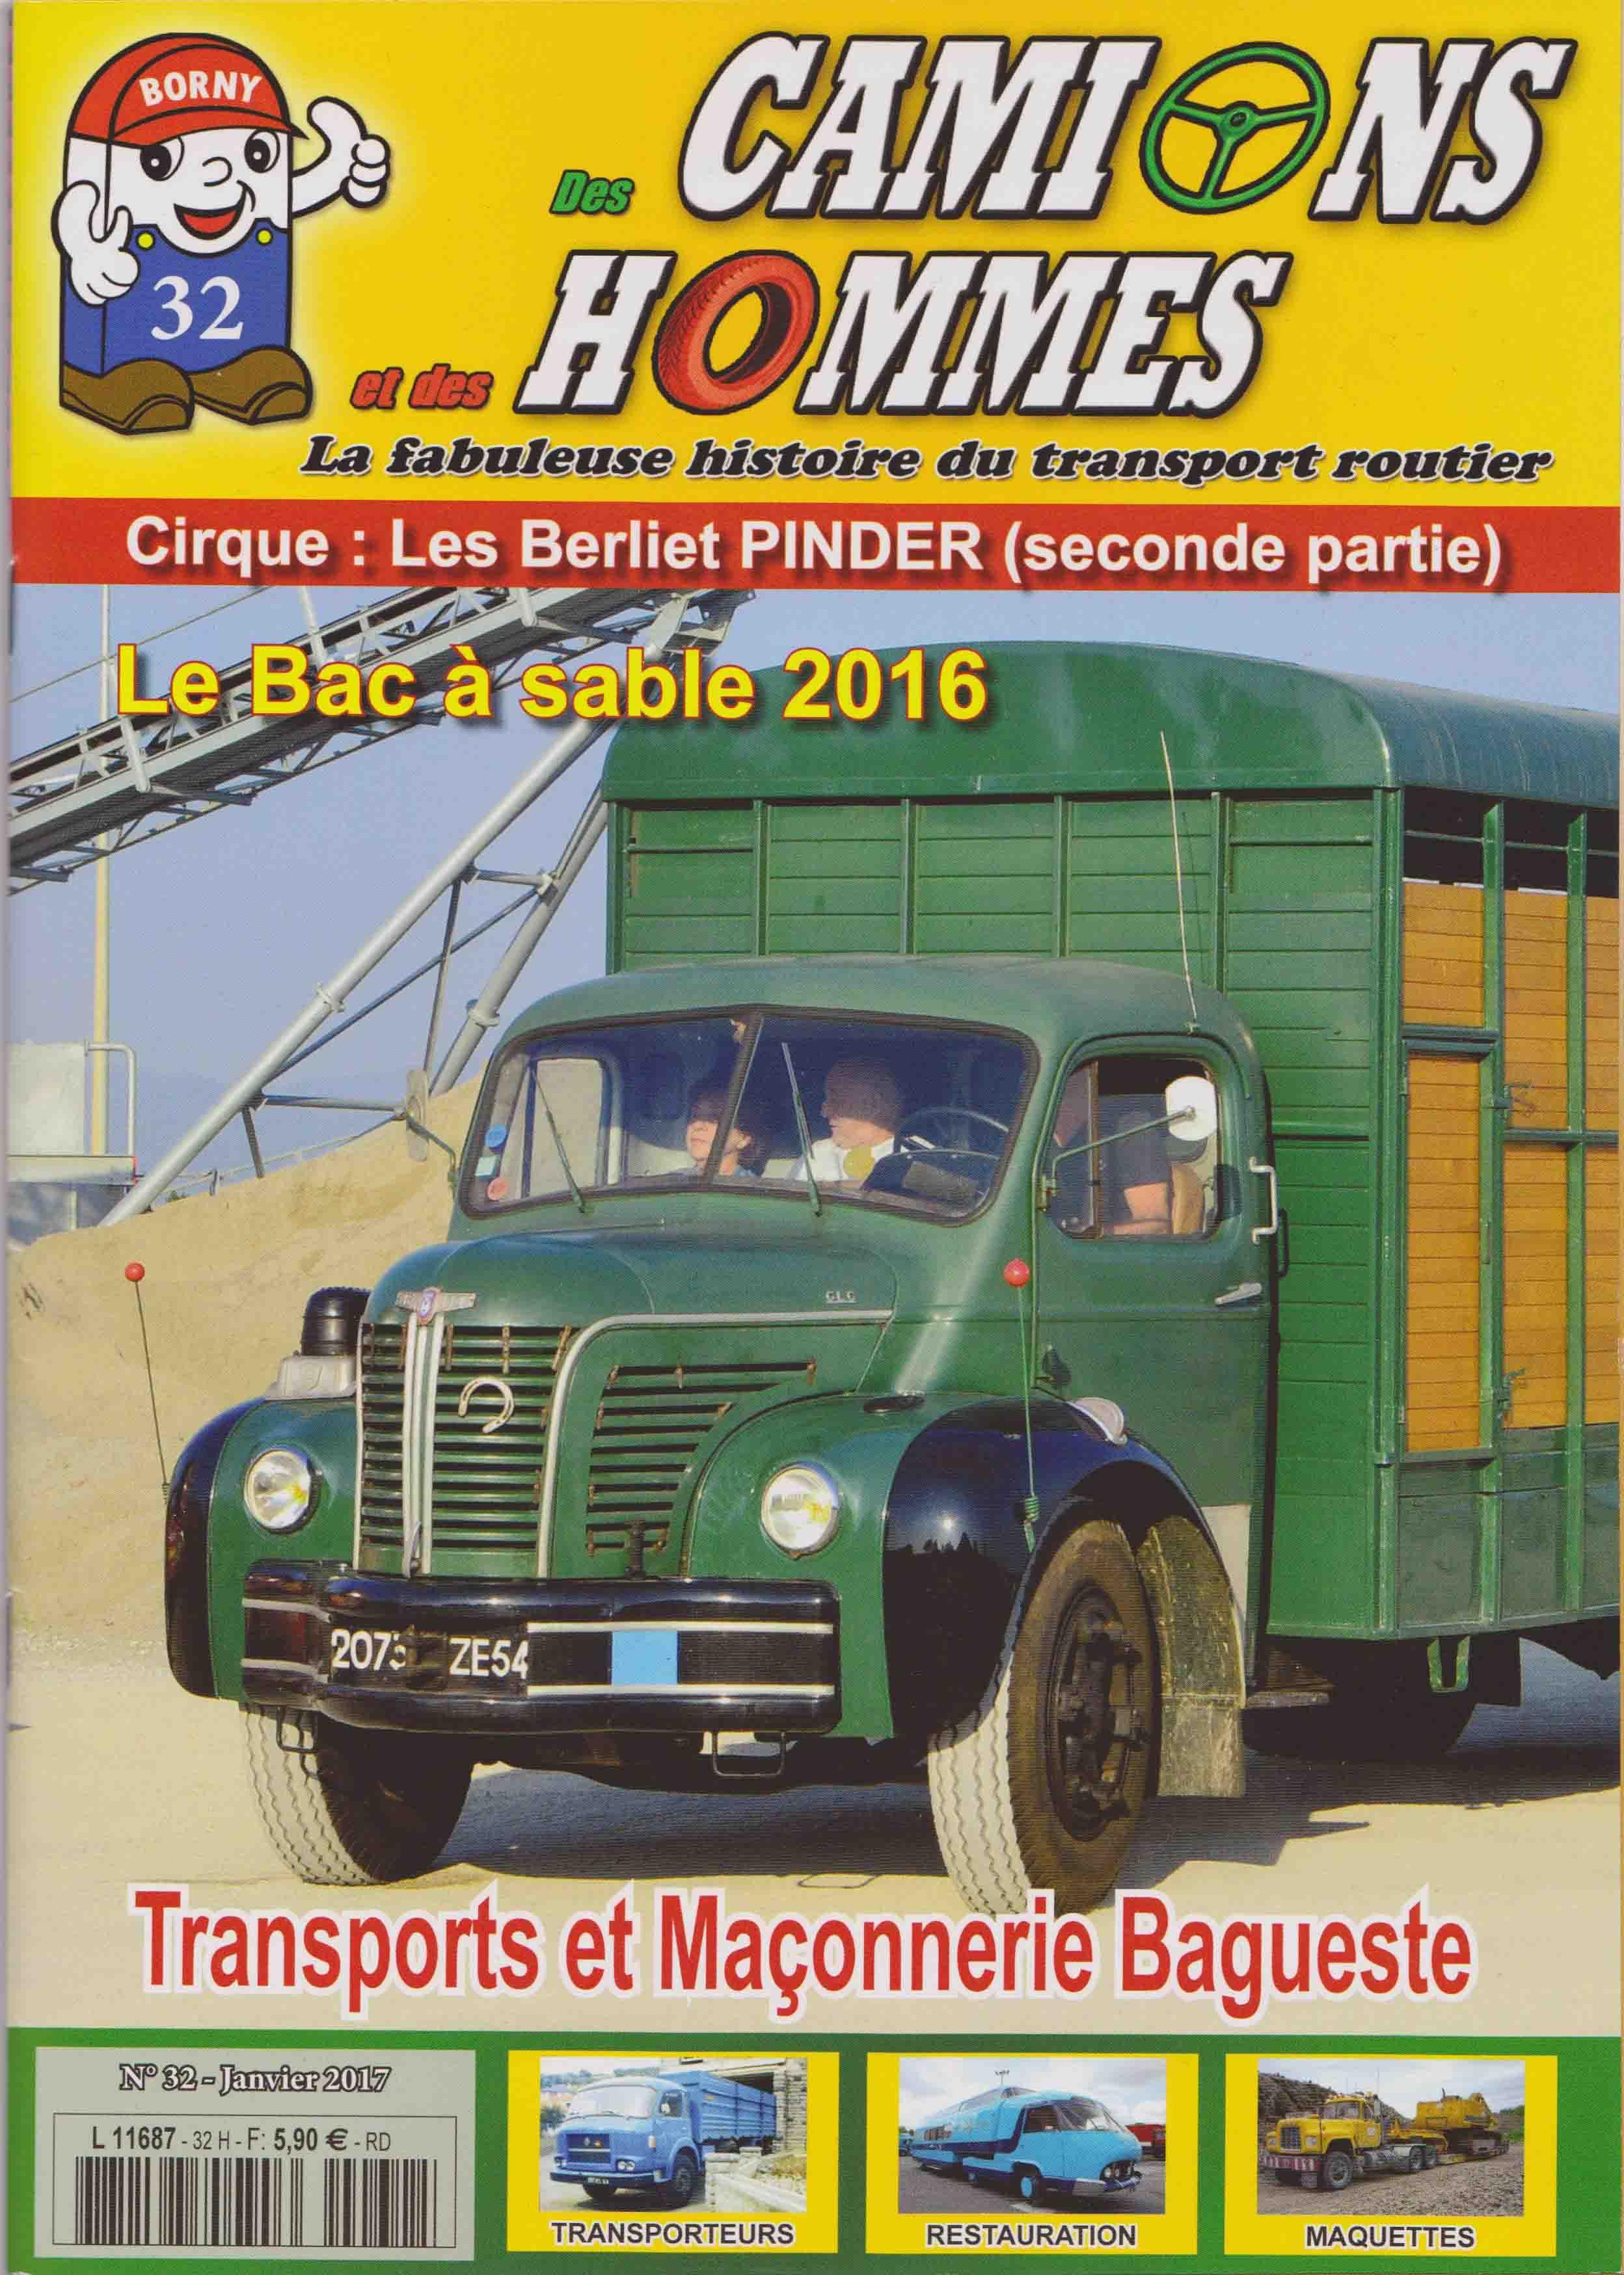 Magazine N°32 Des Camions et des Hommes (Etranger)